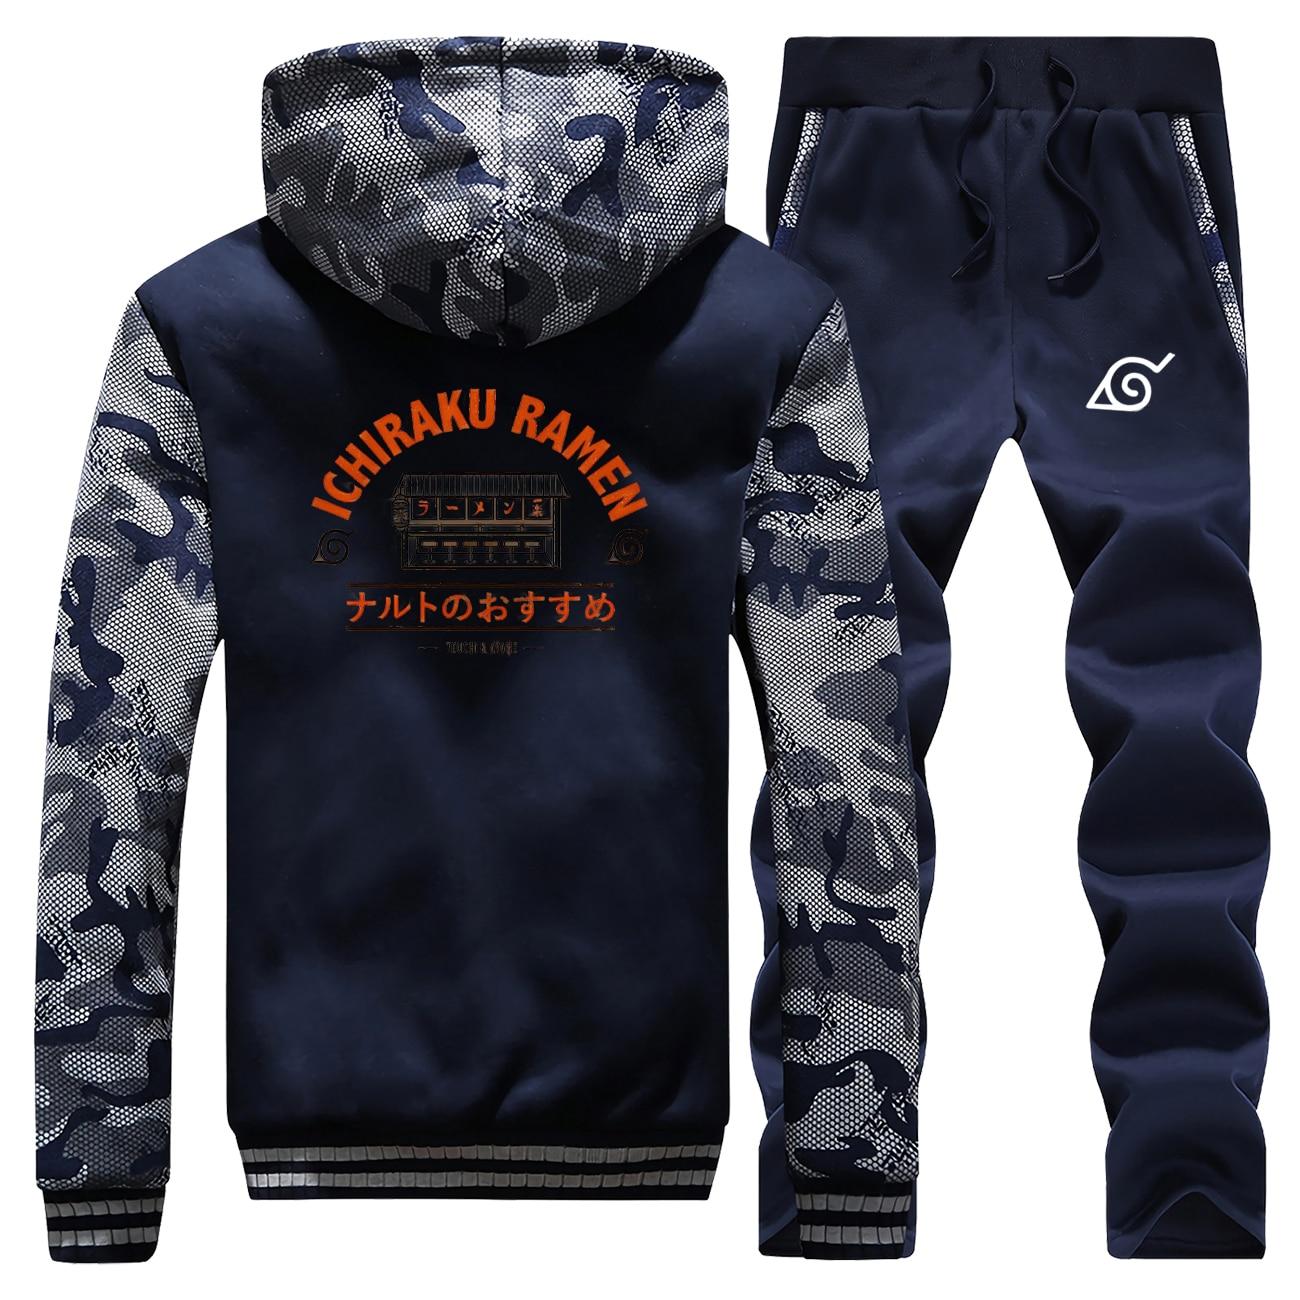 Anime Naruto Ichiraku Ramen imprimir hombres sudadera Hip Hop hombres chándal chaqueta de invierno + Pantalones de 2 piezas establece hombre Japón sudaderas gruesas